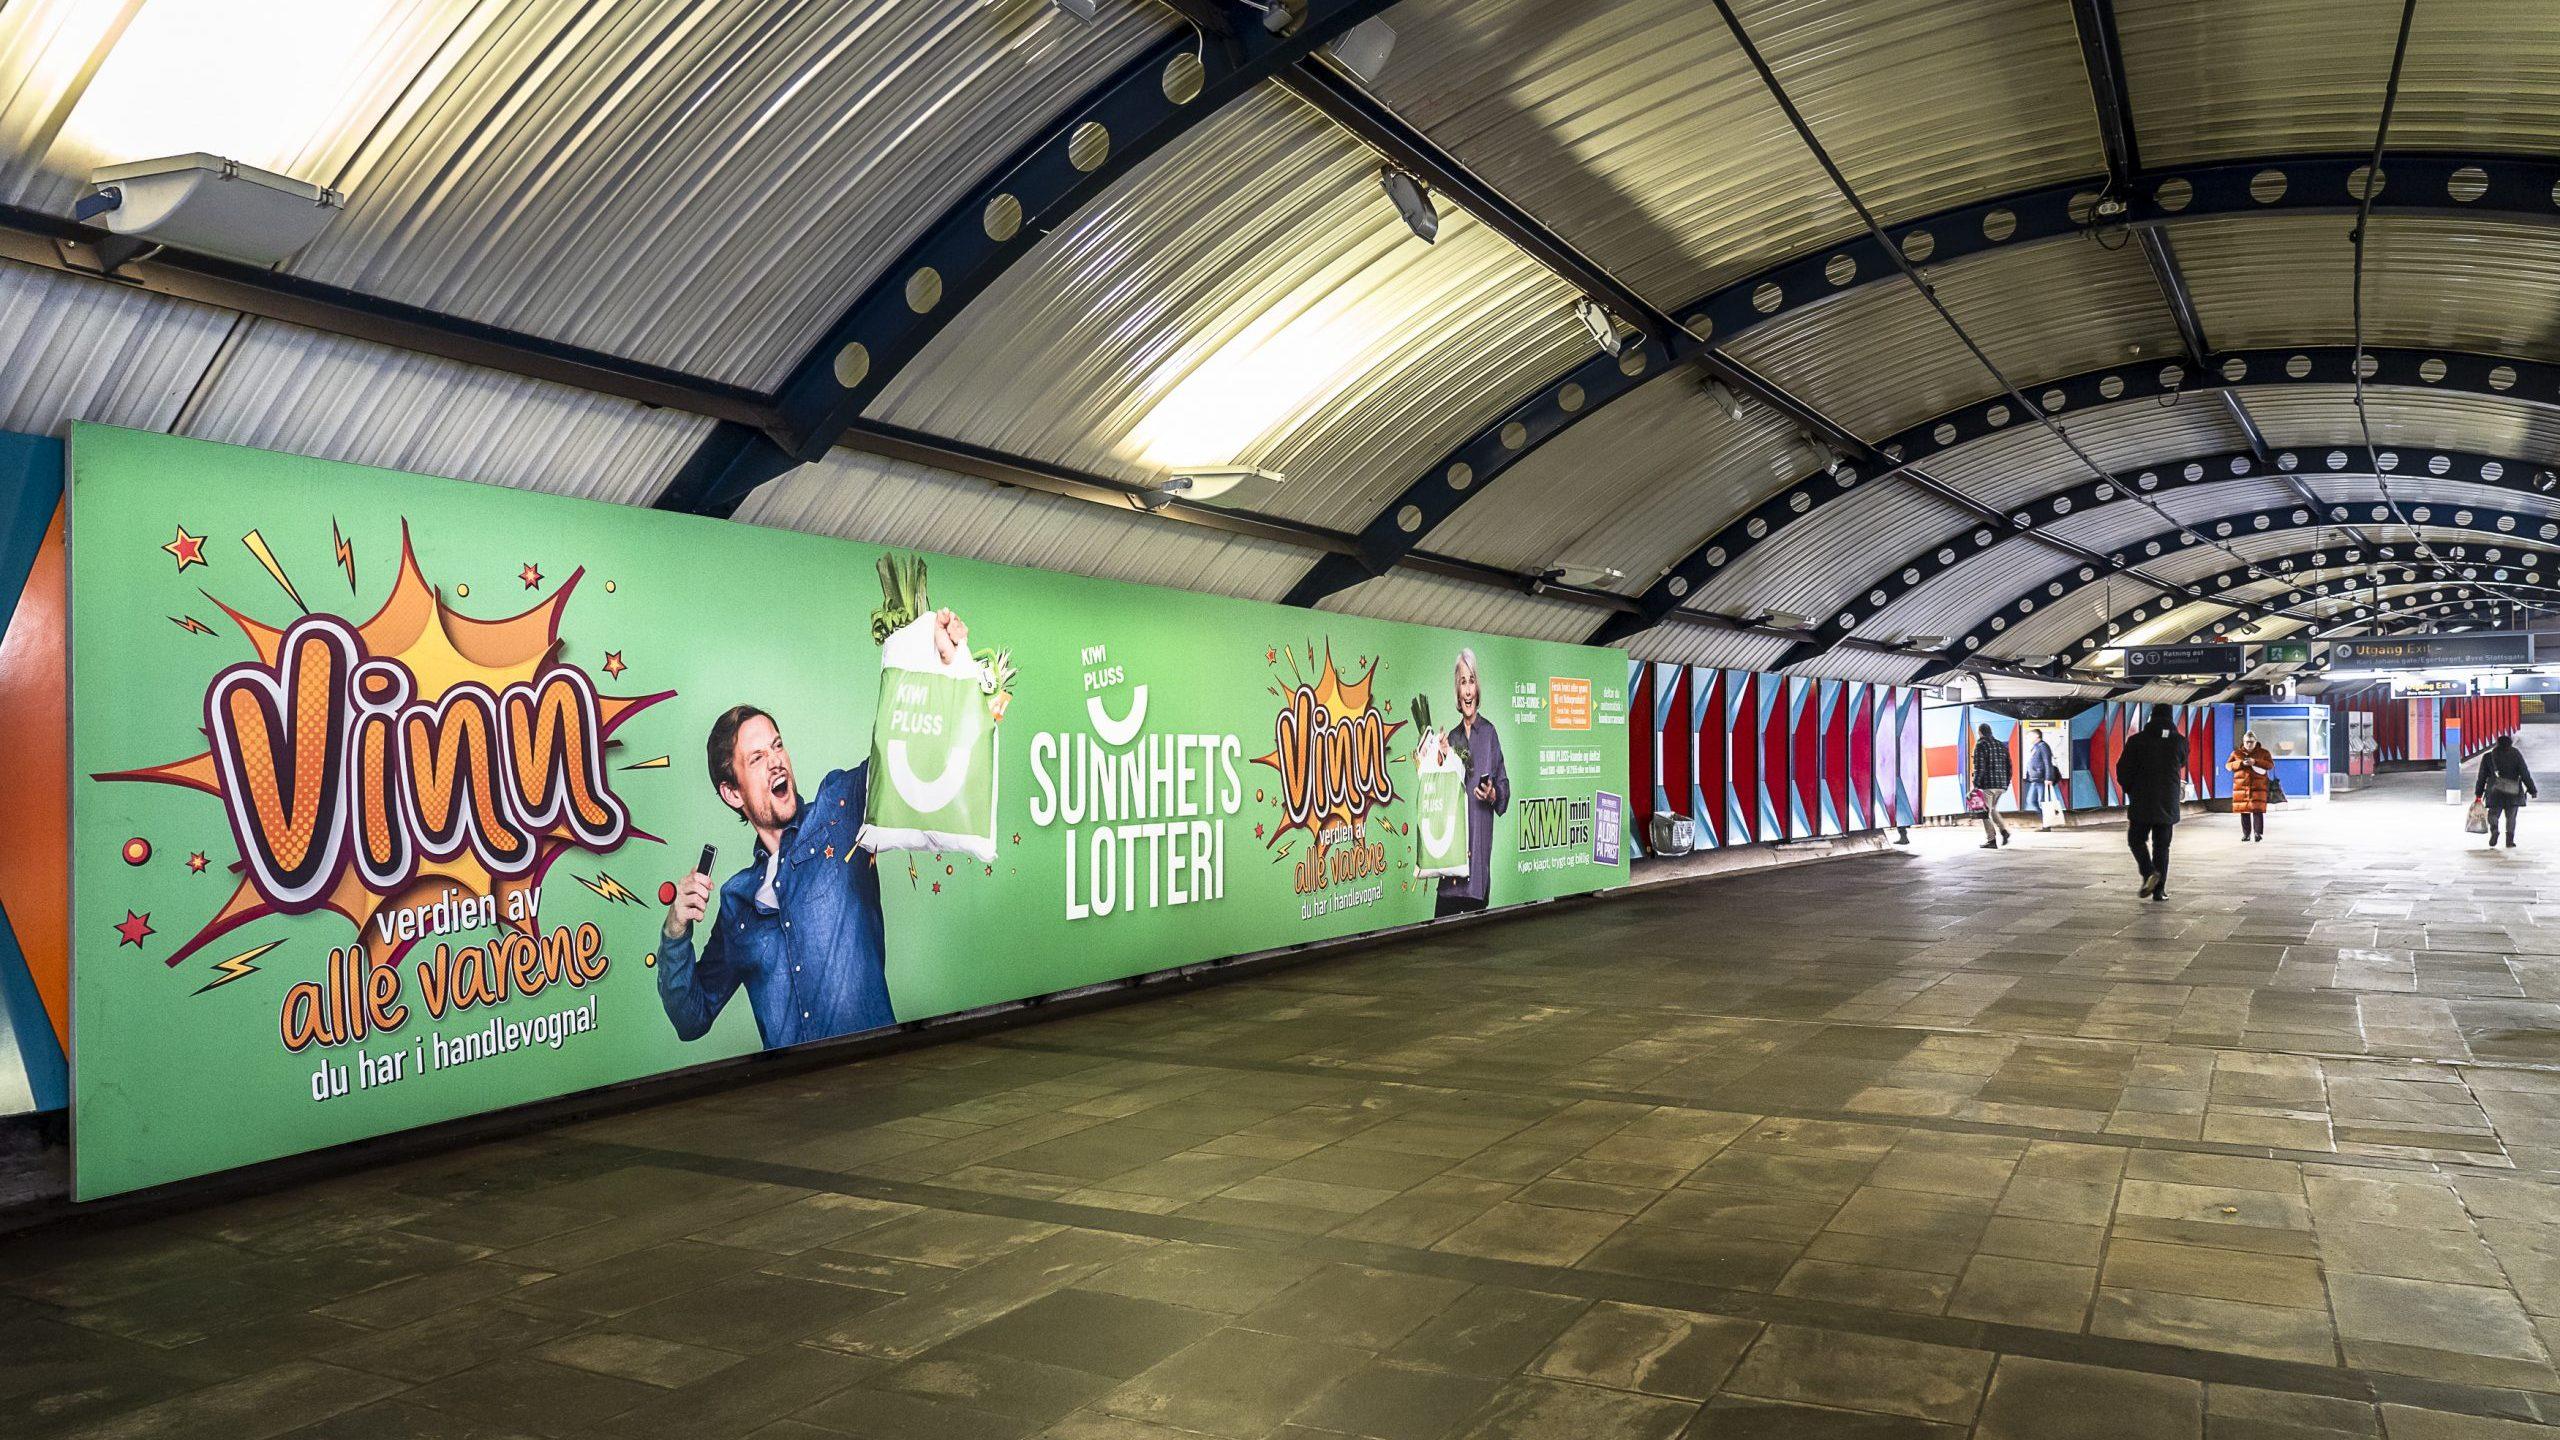 norge-kiwi-norge-as-2020-v3-billboard-metro-1-scaled.jpg